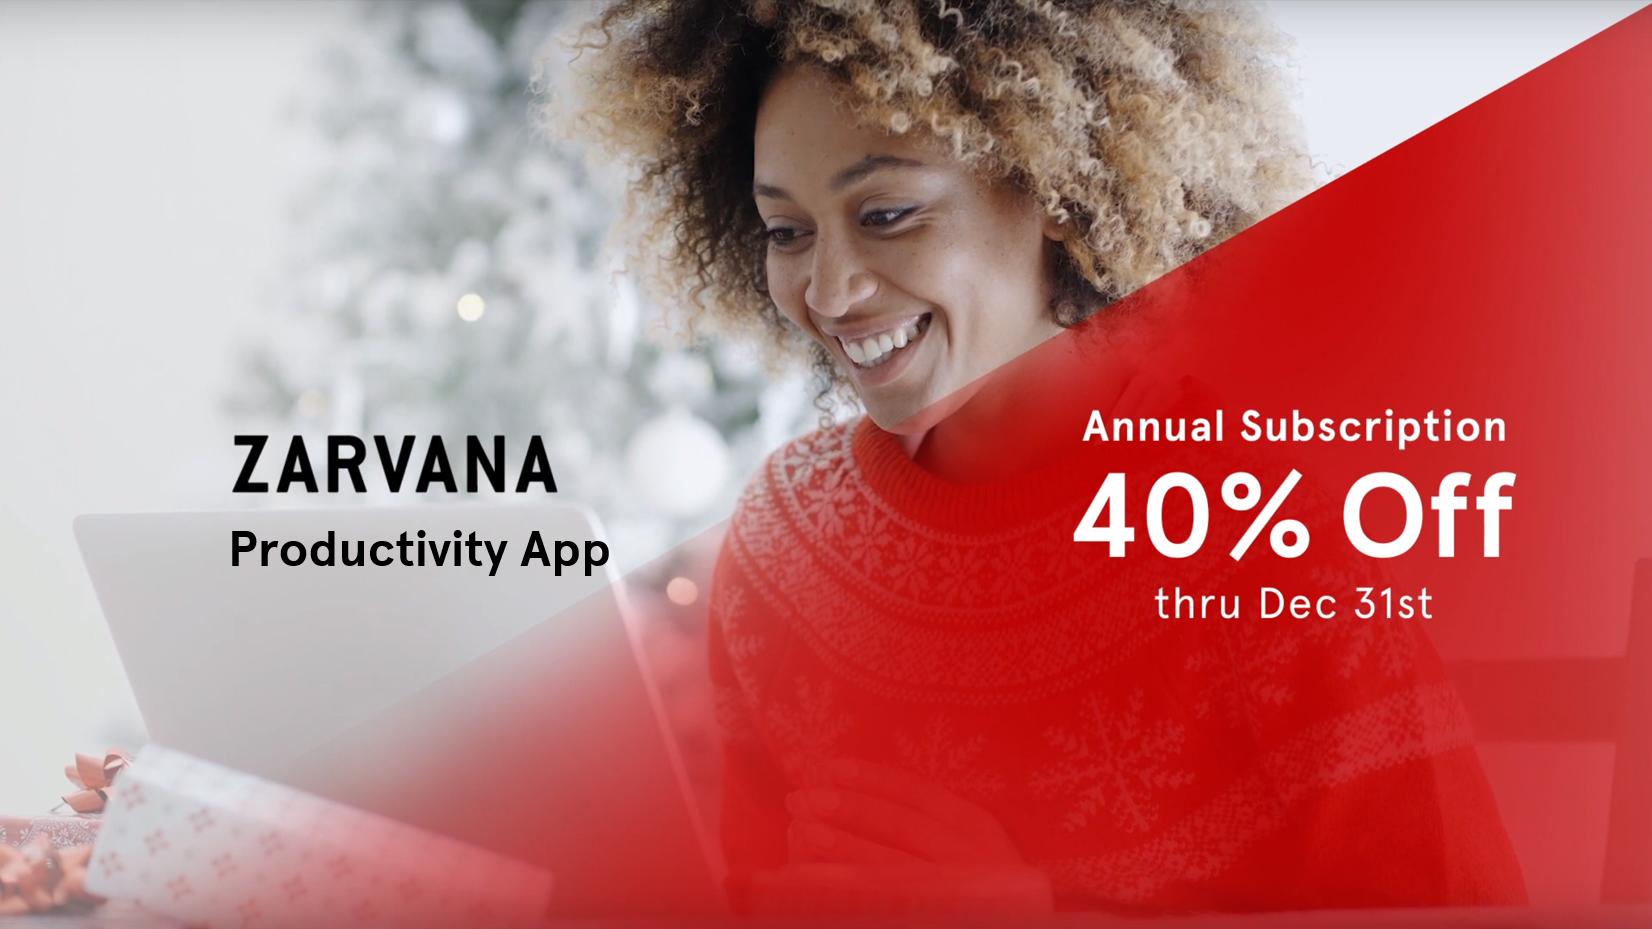 Zarvana Productivity App